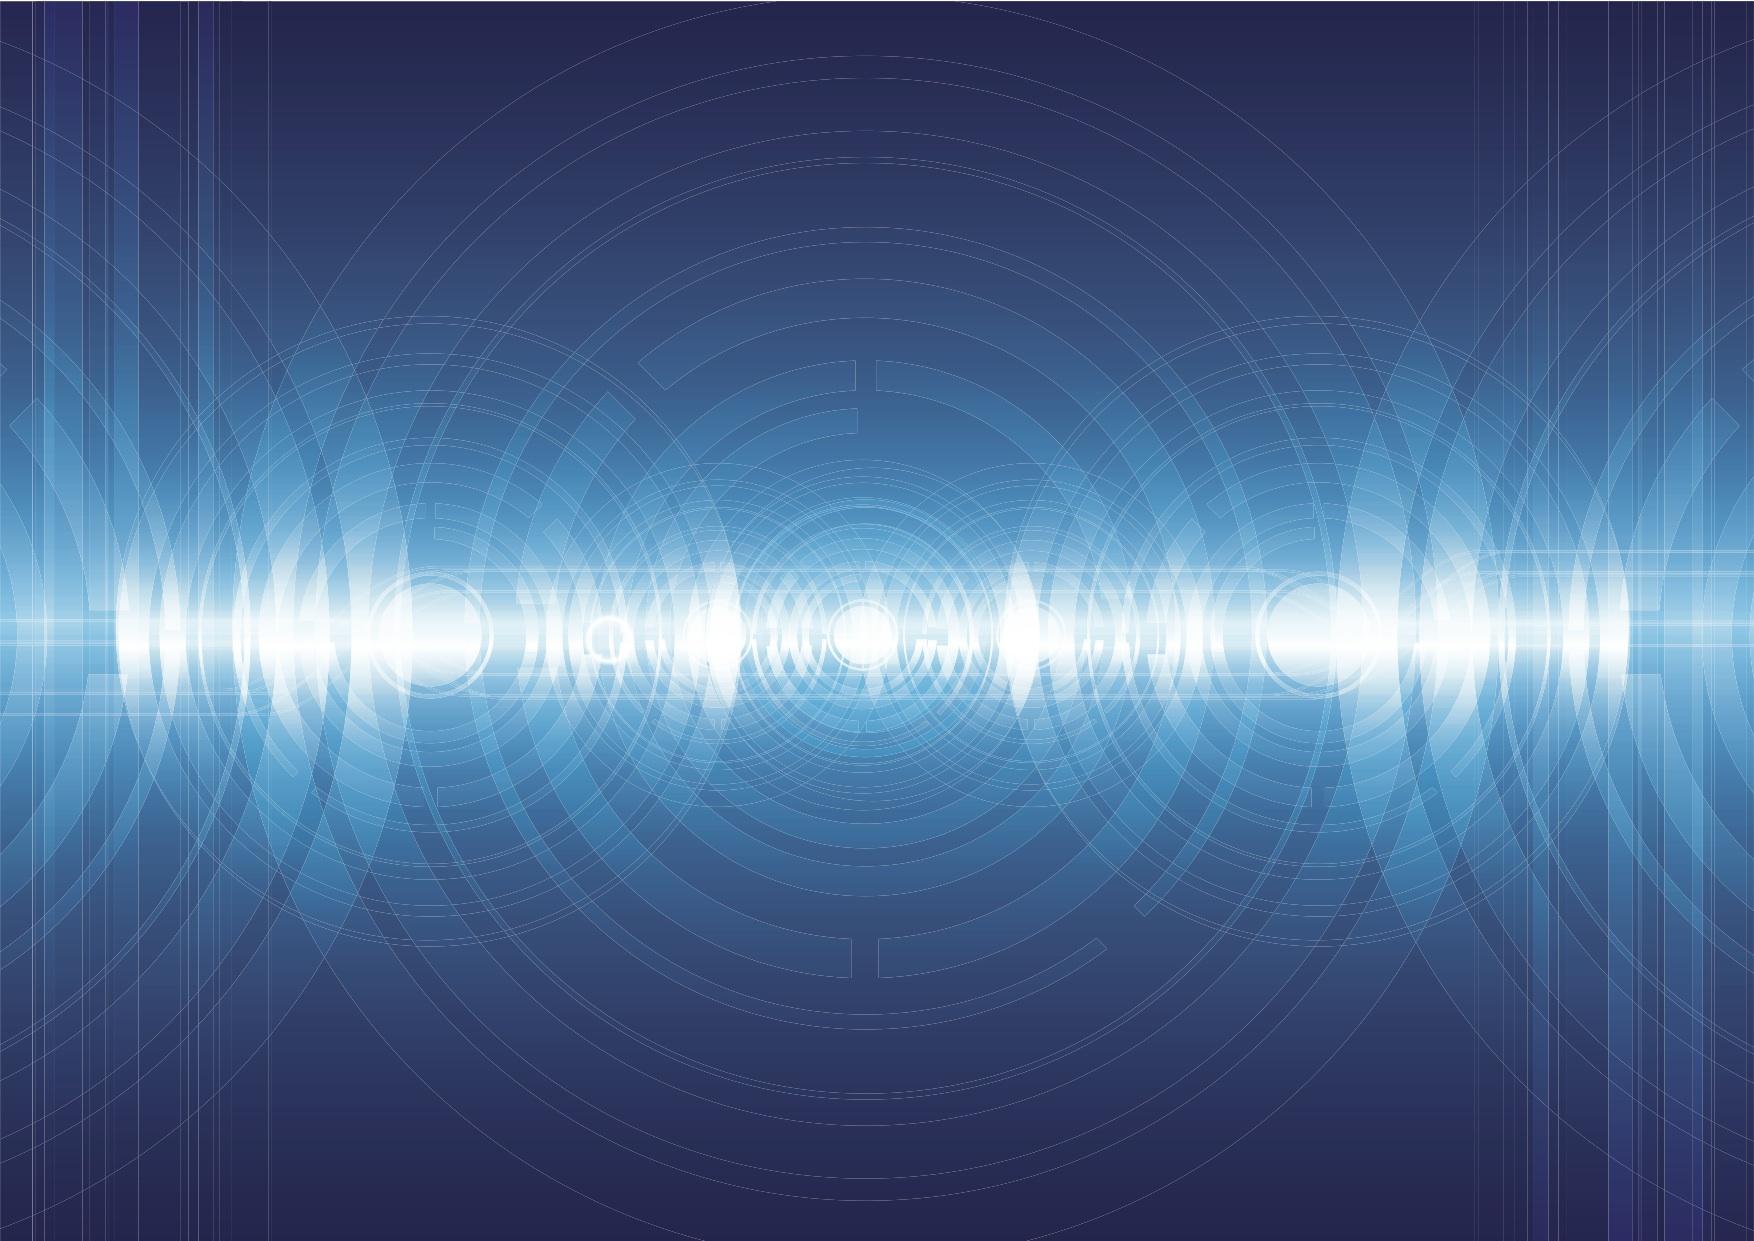 radio-waves-airwaves-spectrum